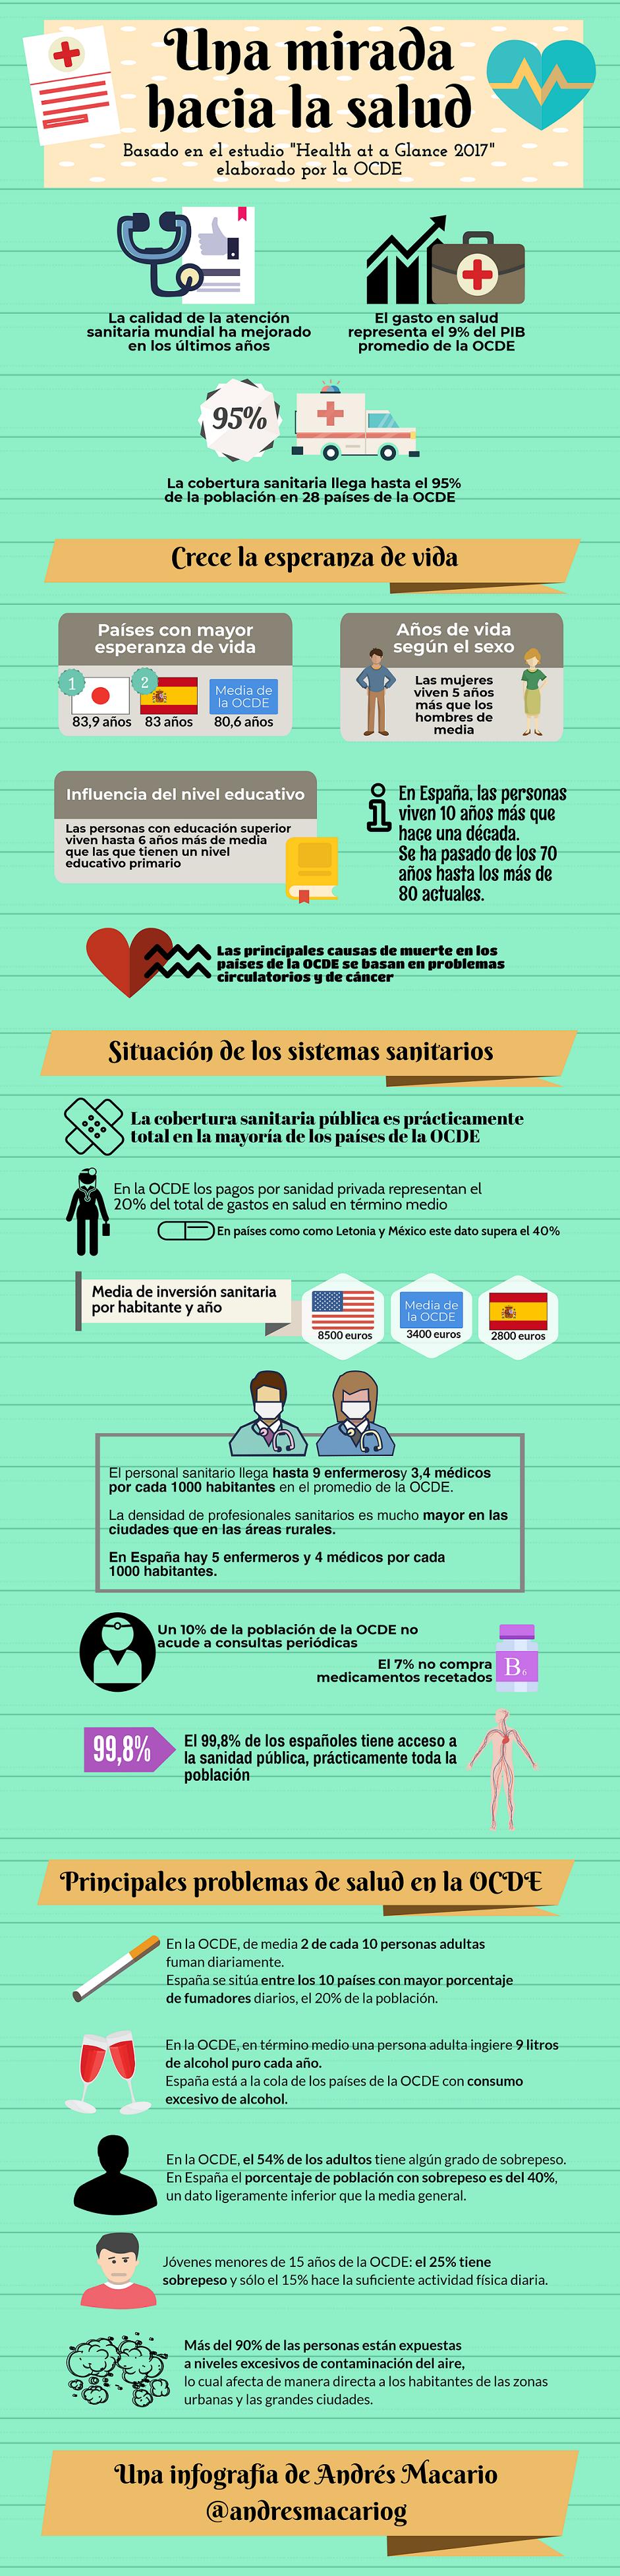 Una mirada hacia los sistemas de salud - Infografía Andrés Macario